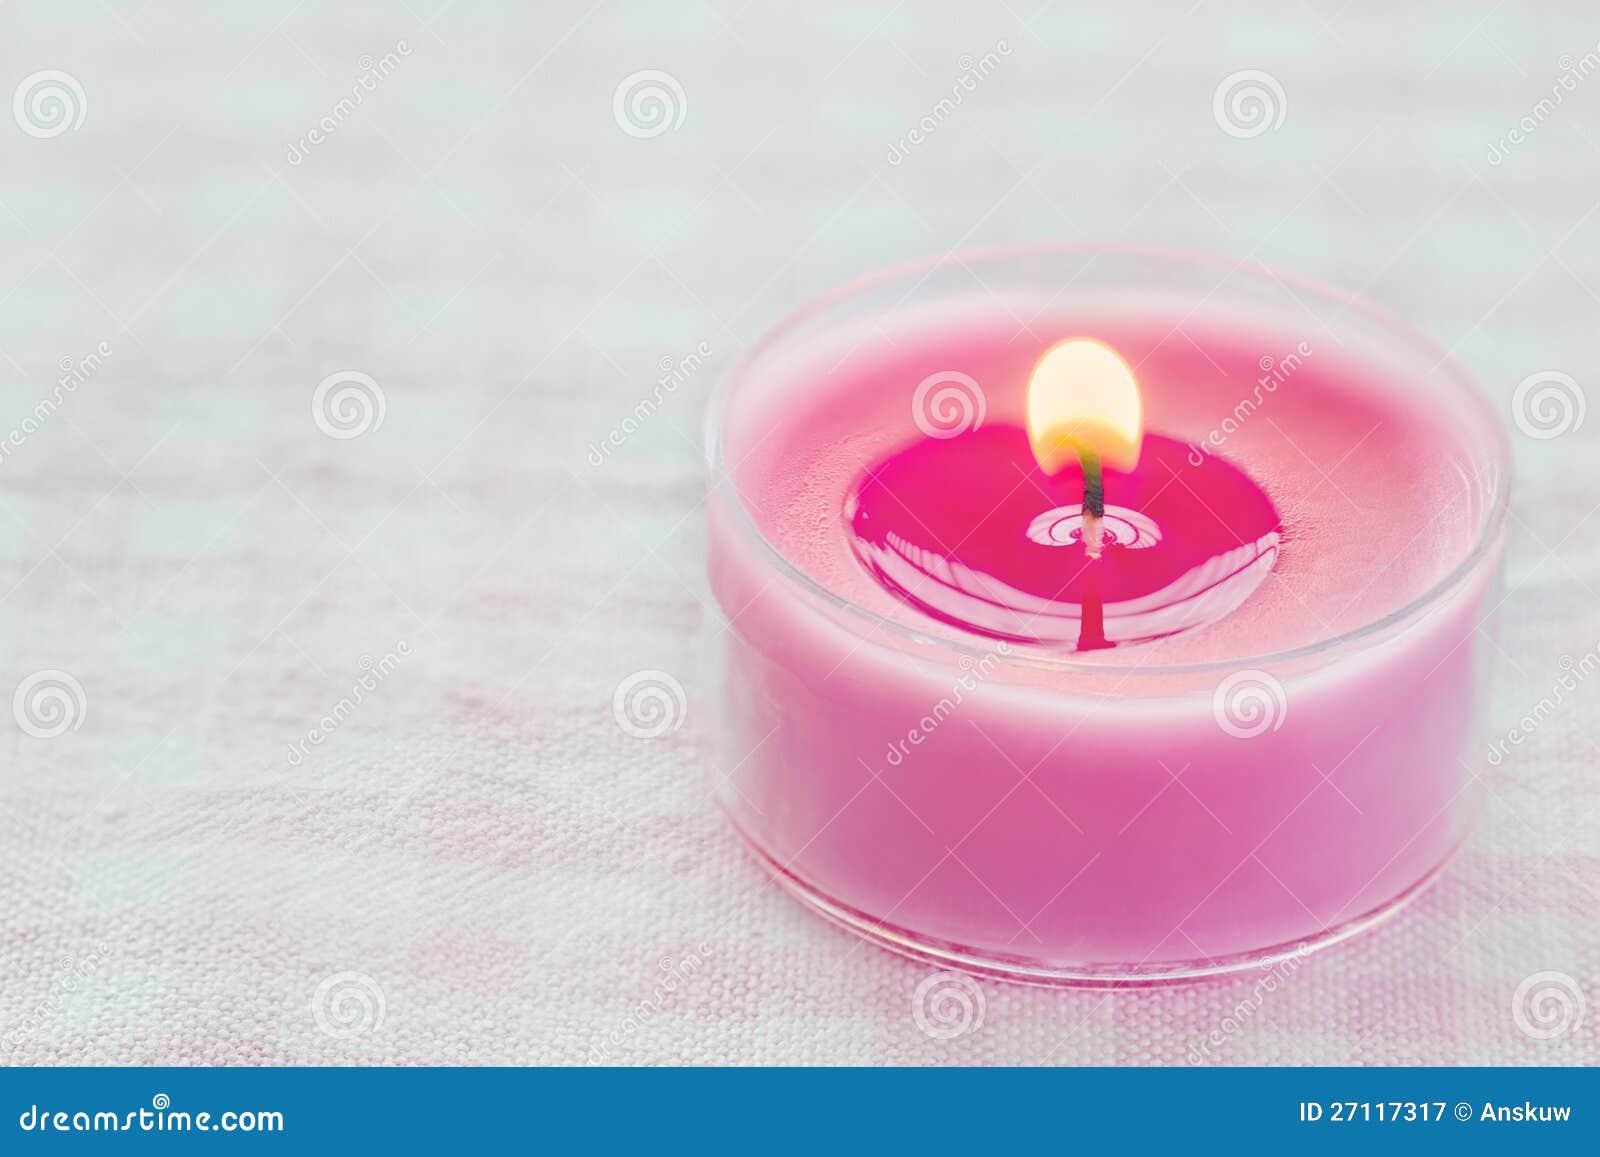 Licht Roze Kaarsen : Roze brandende kaars op een romantische zachte achtergrond stock